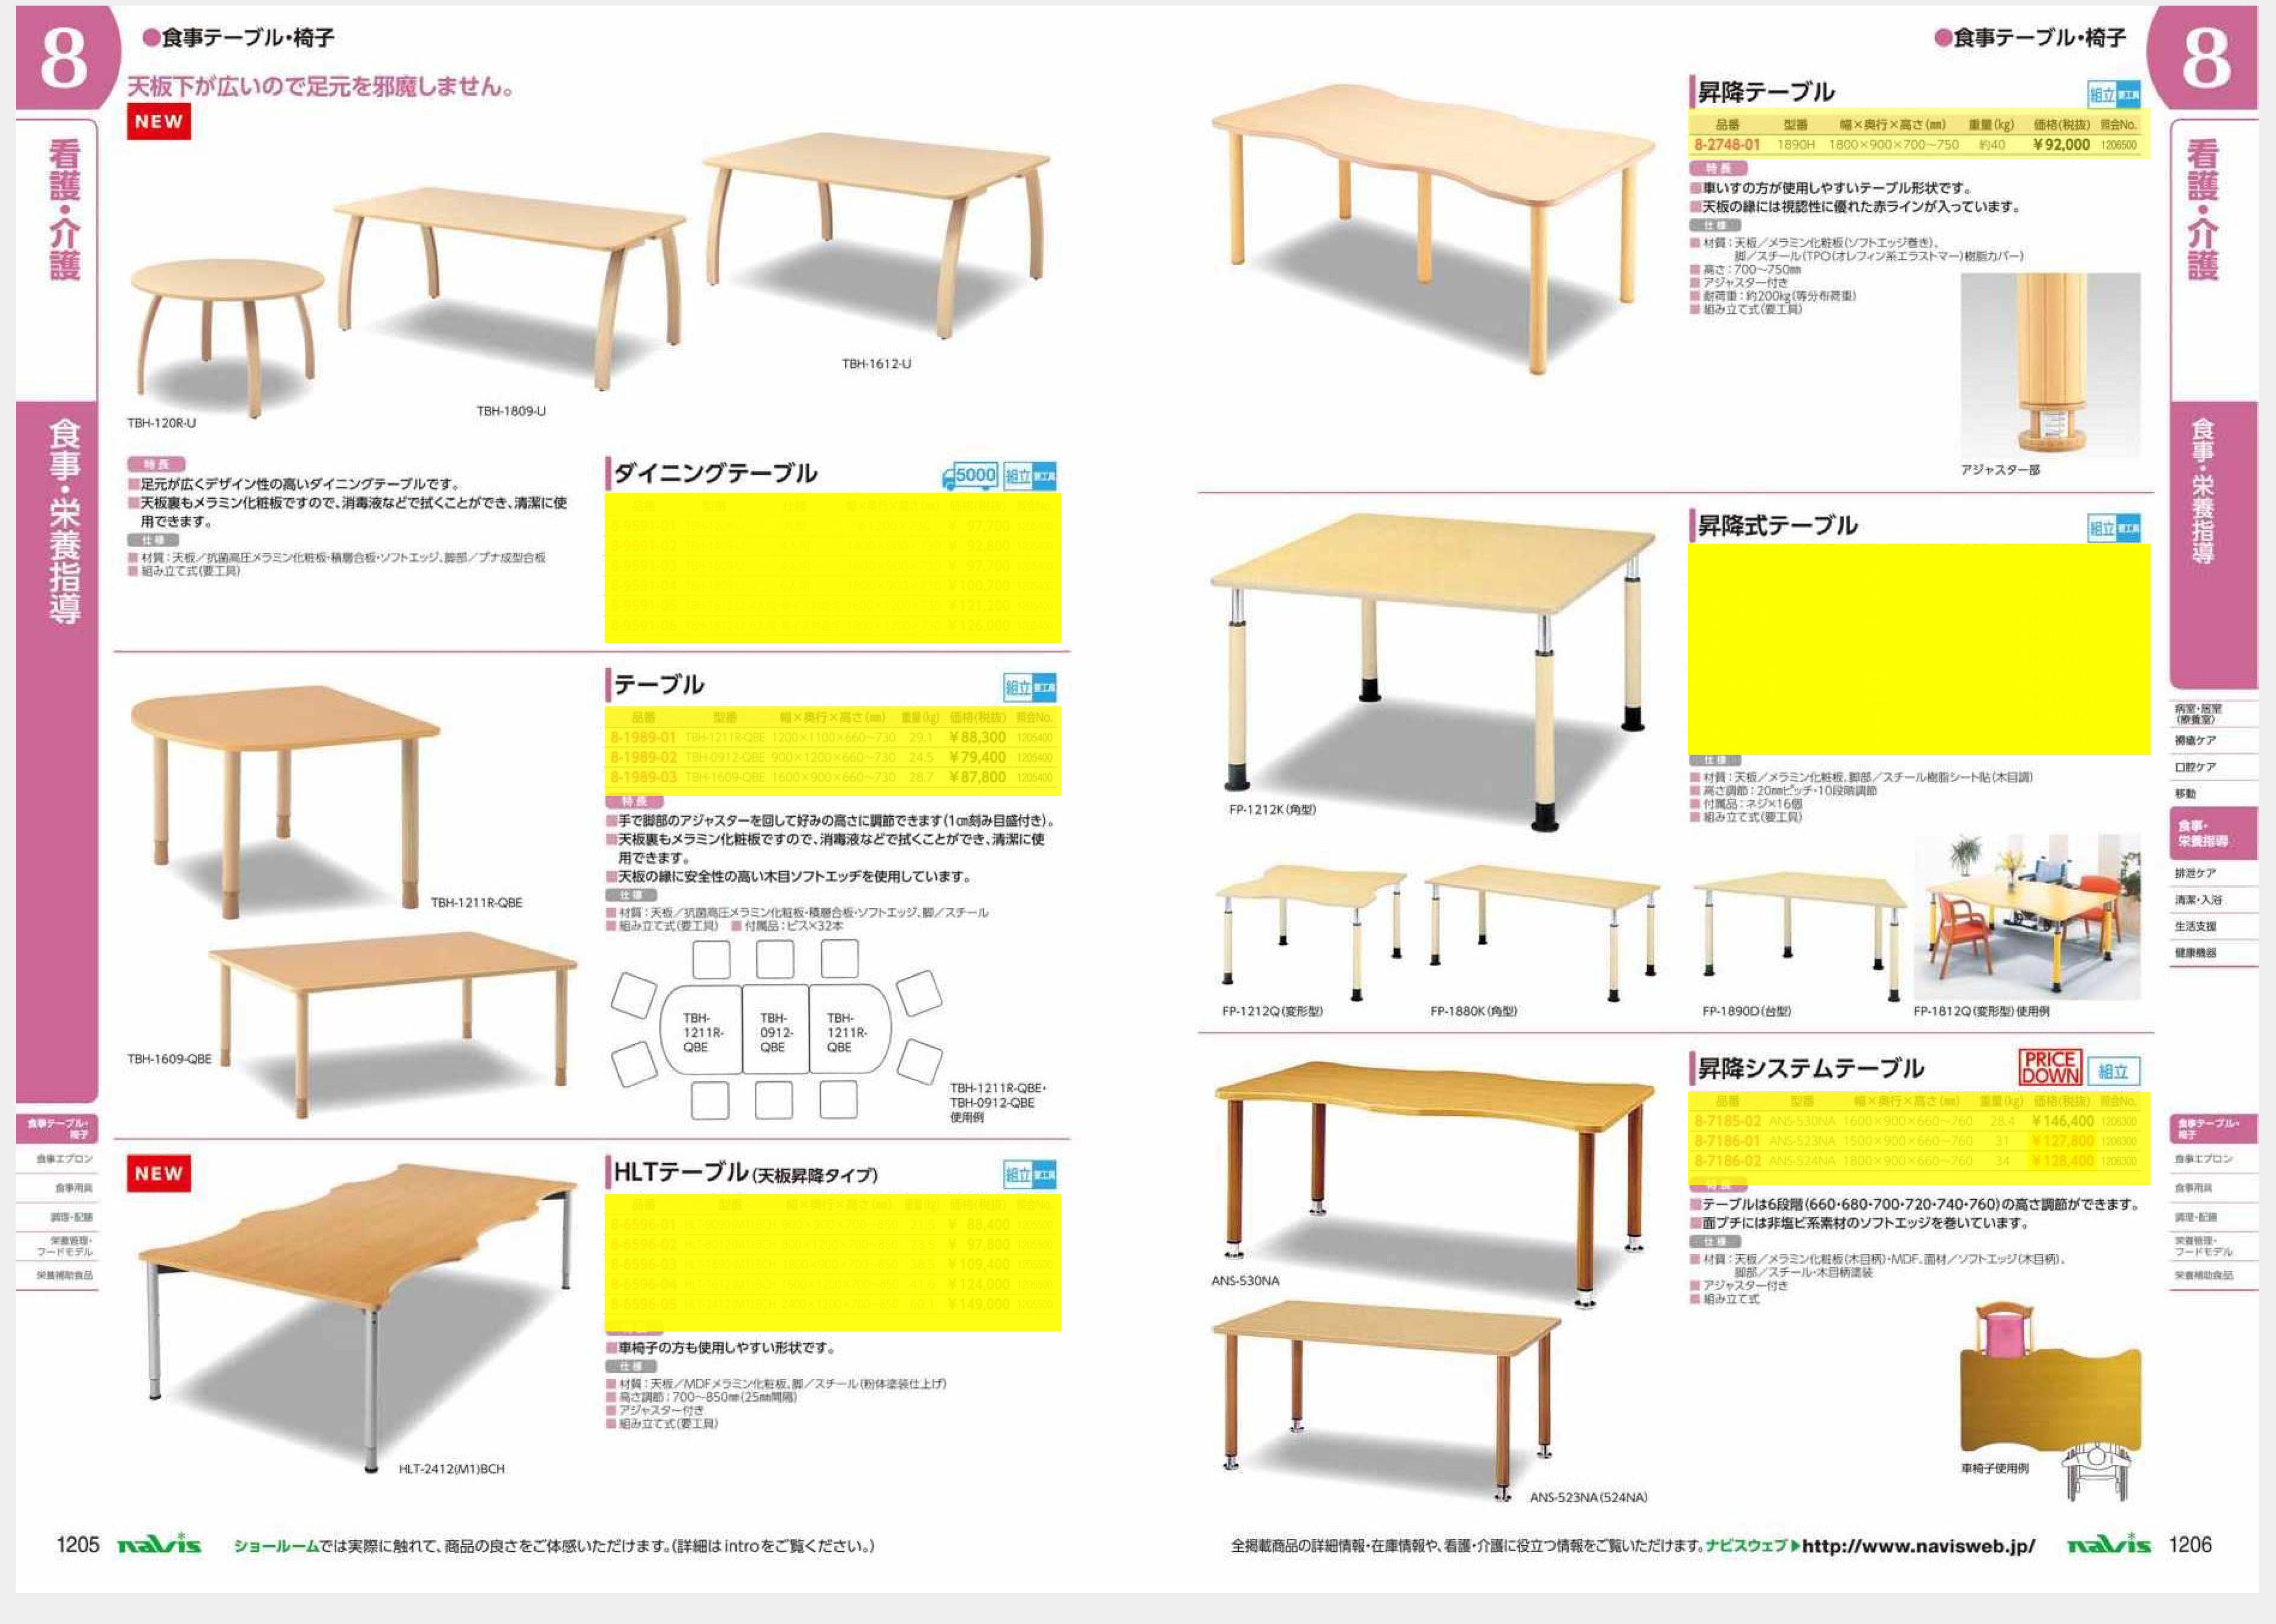 ナビス50000 8-6596-01 HLTテーブル(天板昇降タイプ) 900×900×700〜850[個](as1-8-6596-01)